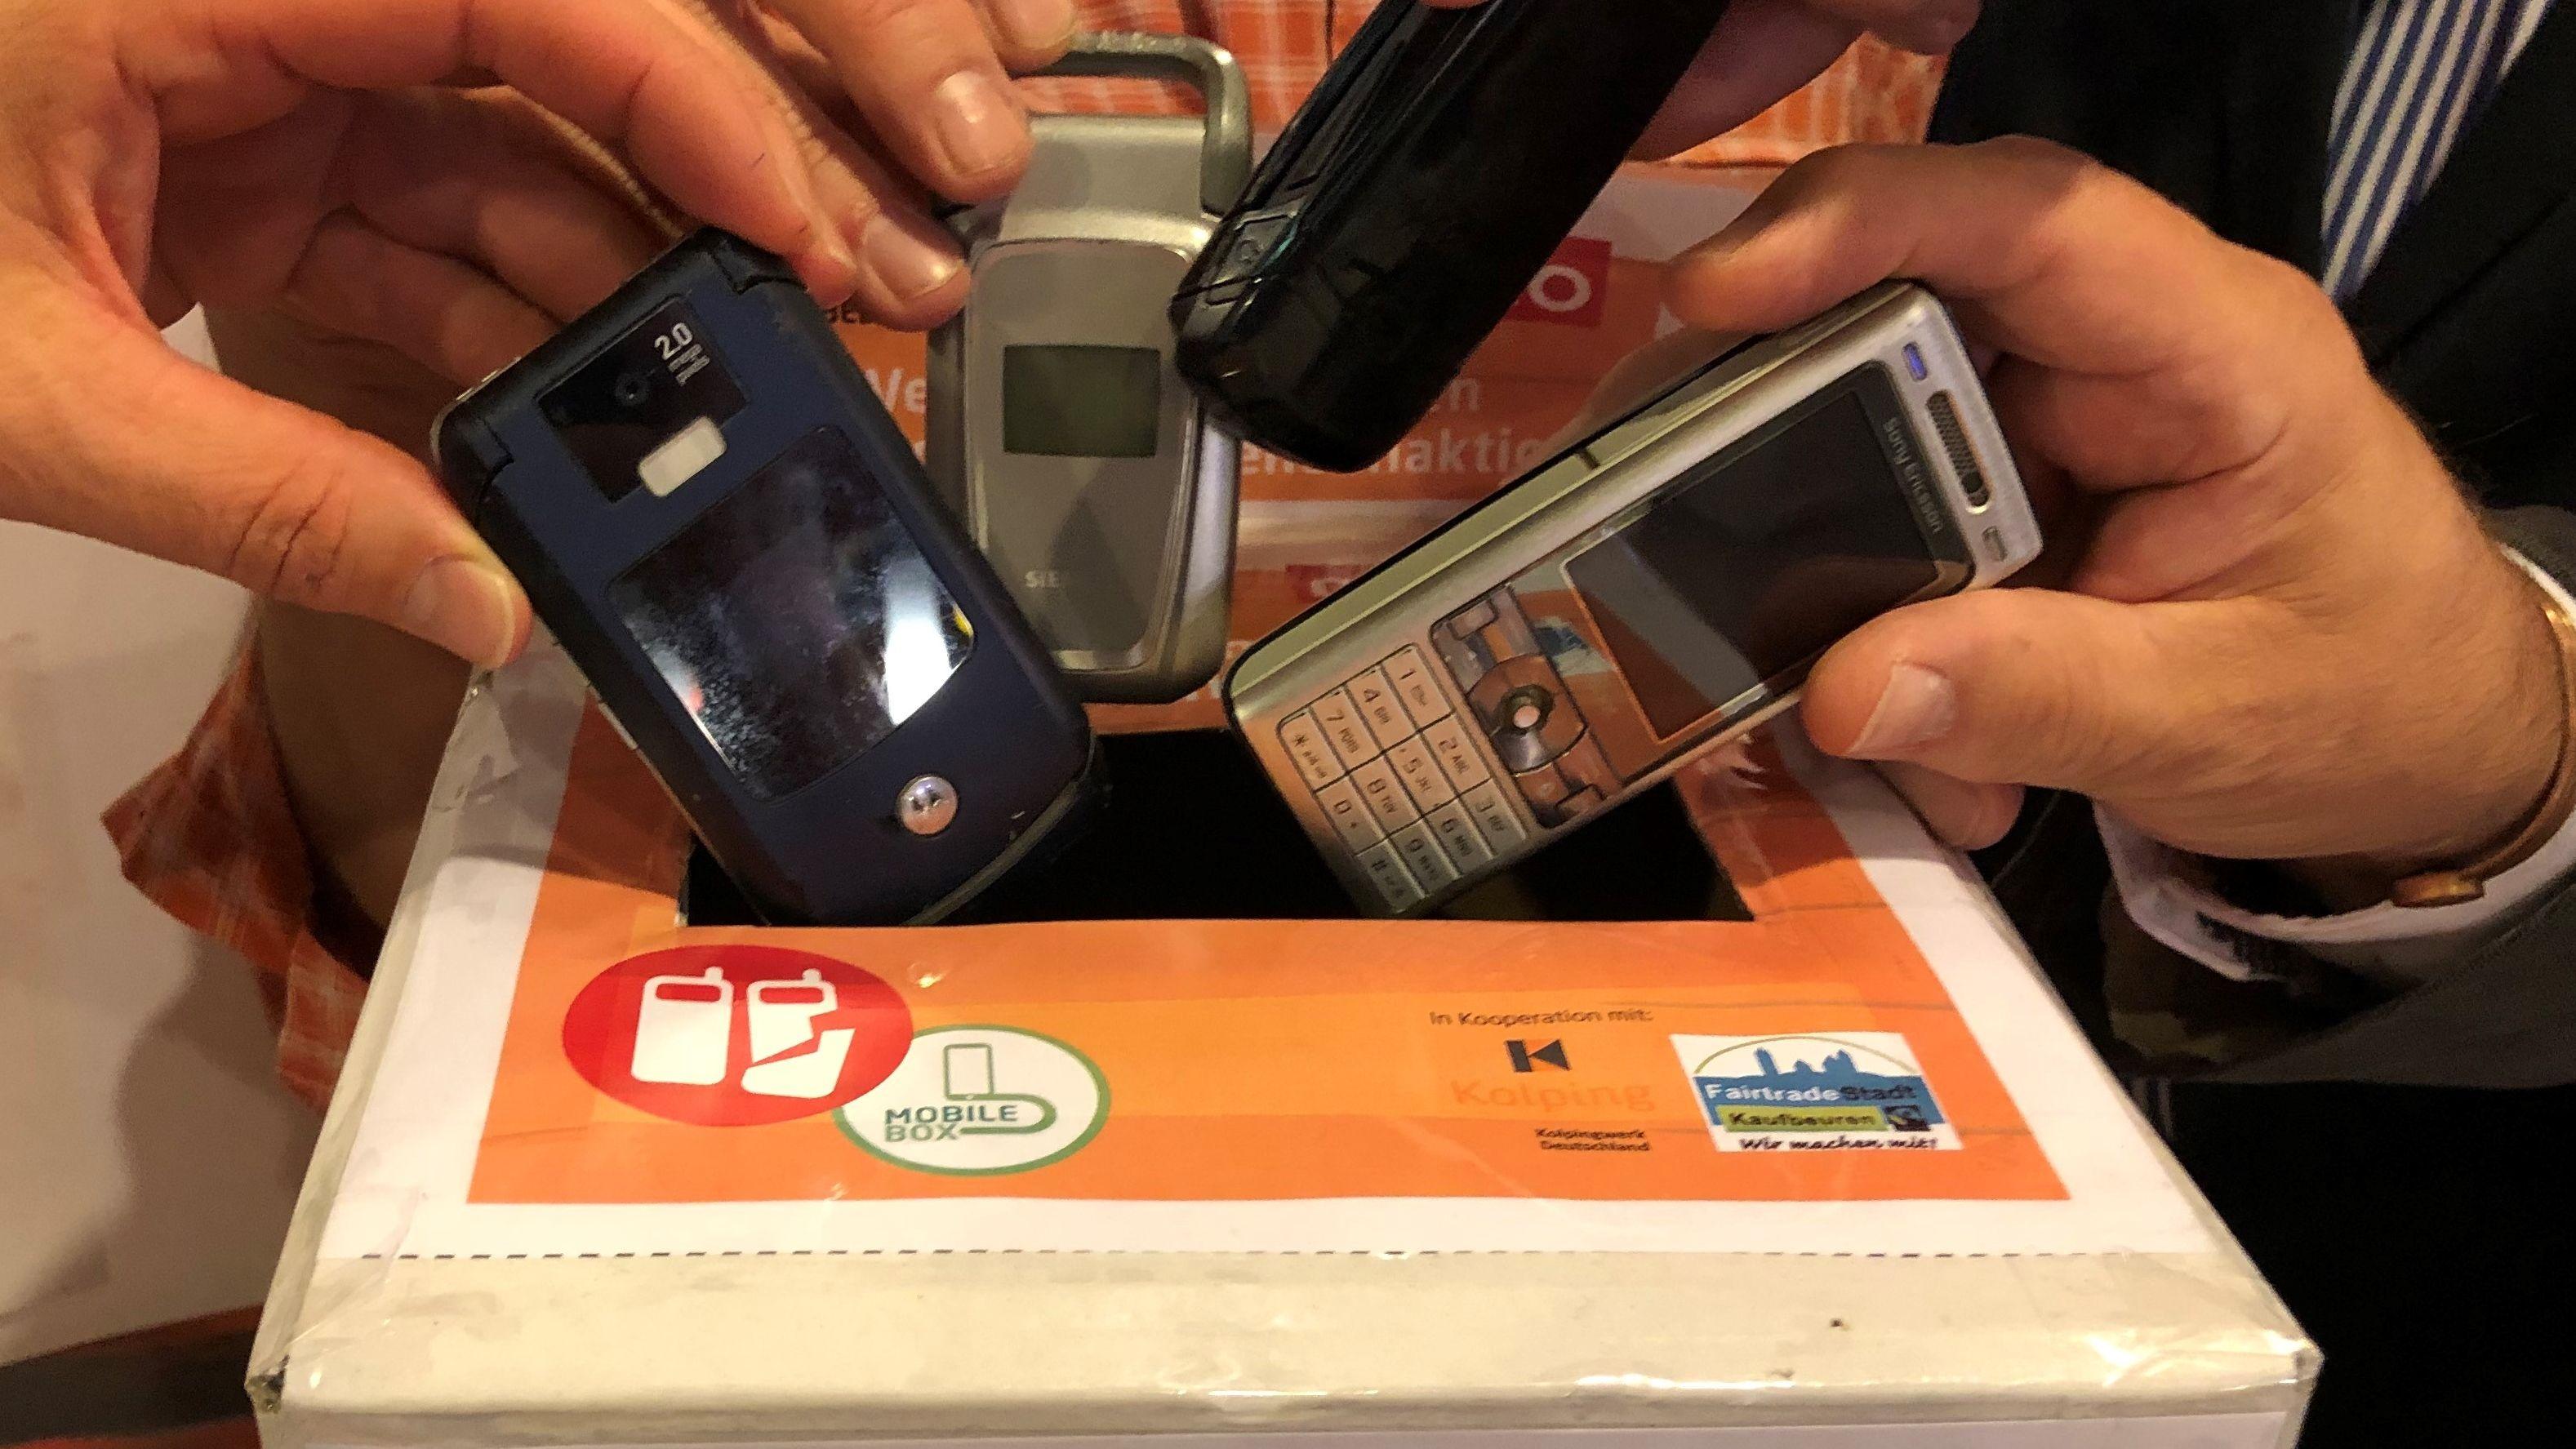 Sinnvolles Recycling von alten Telefonen geht über die Kolping-Spendenbox